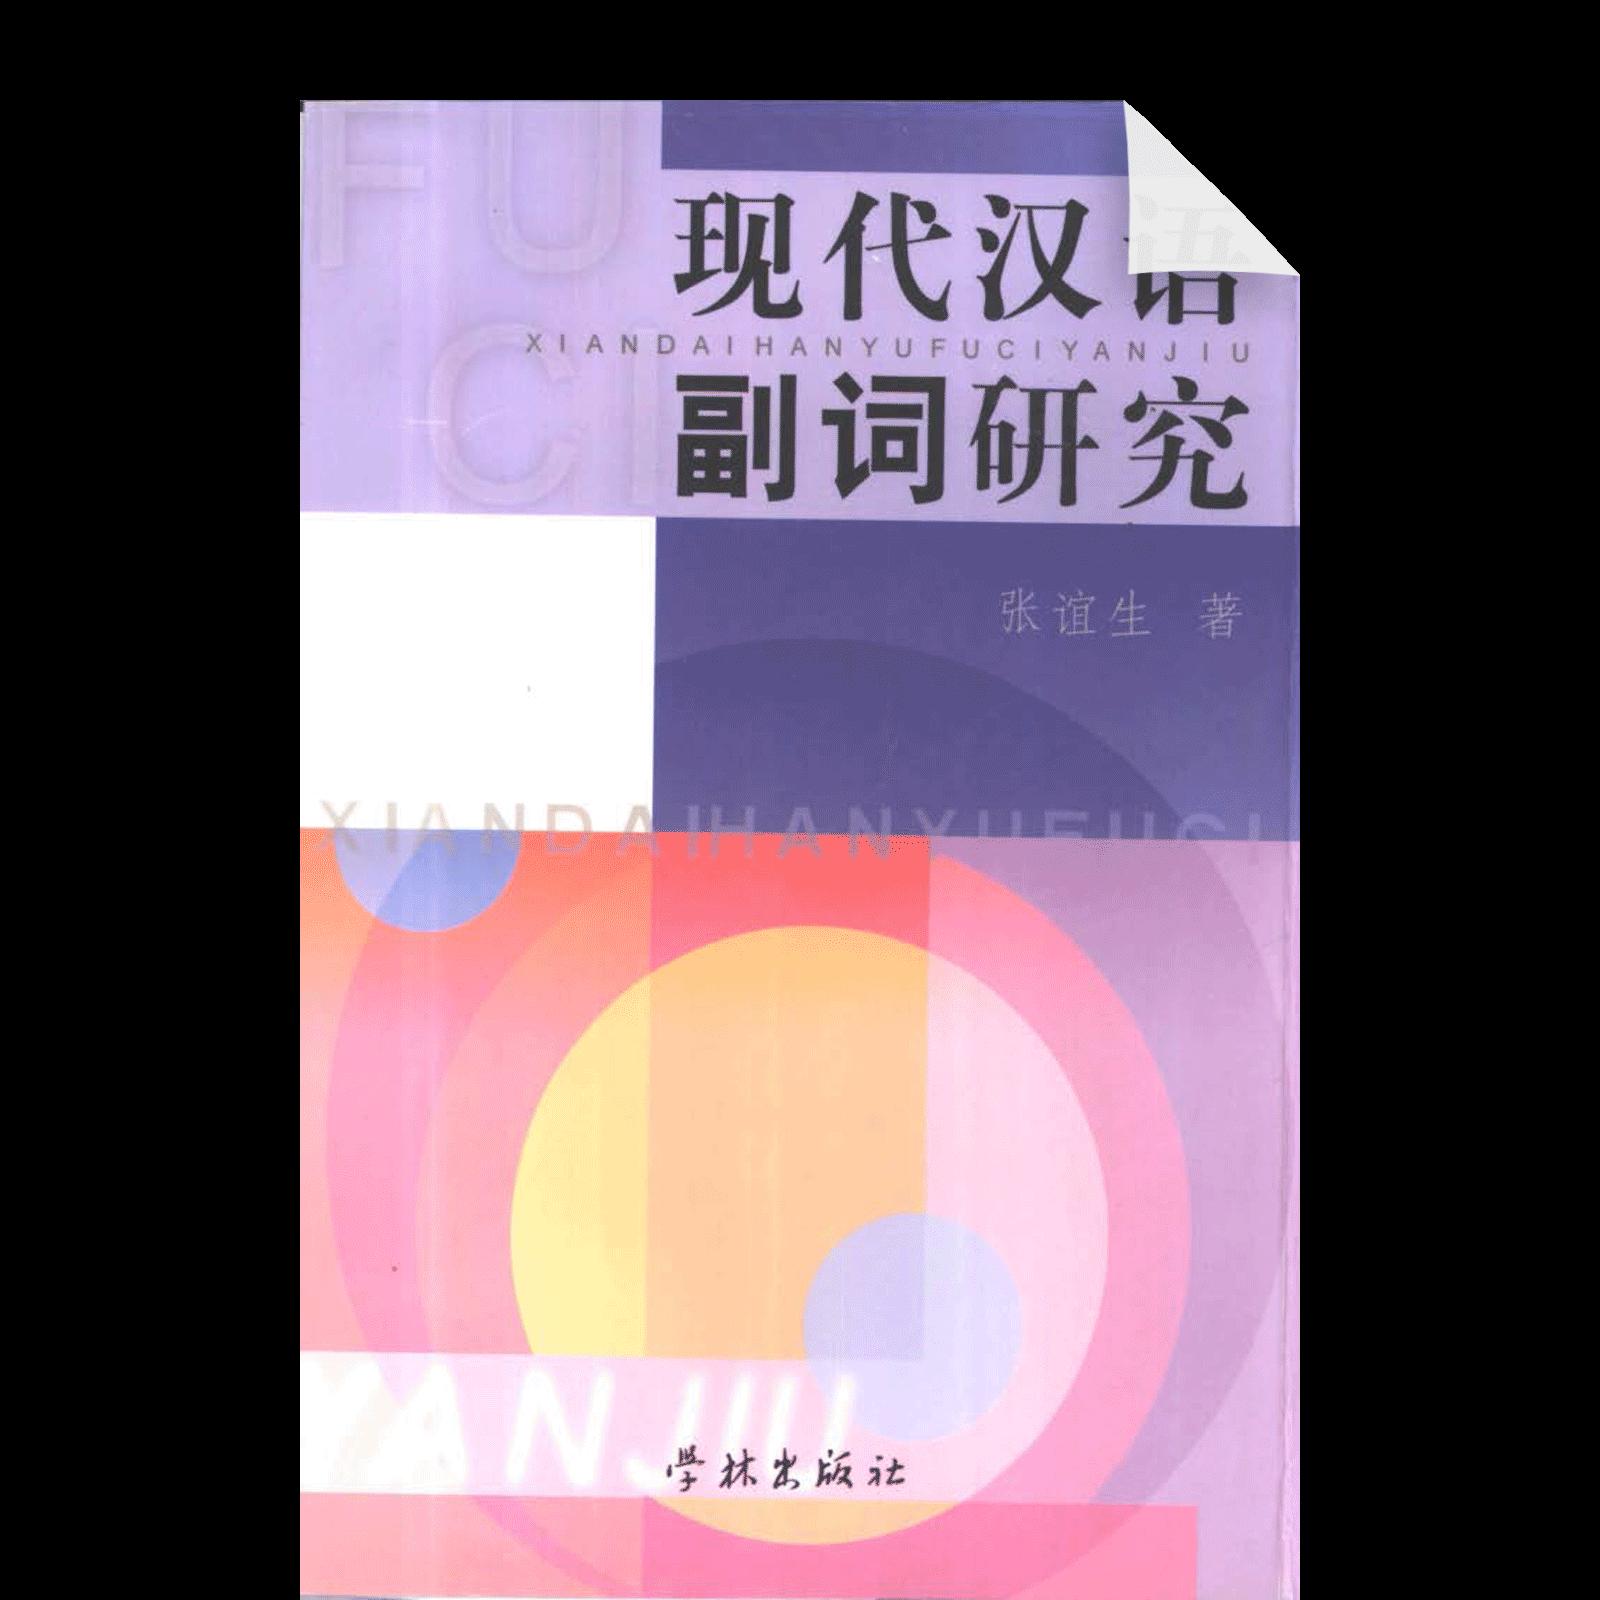 Xiandai Hanyu Fuci Yanjiu